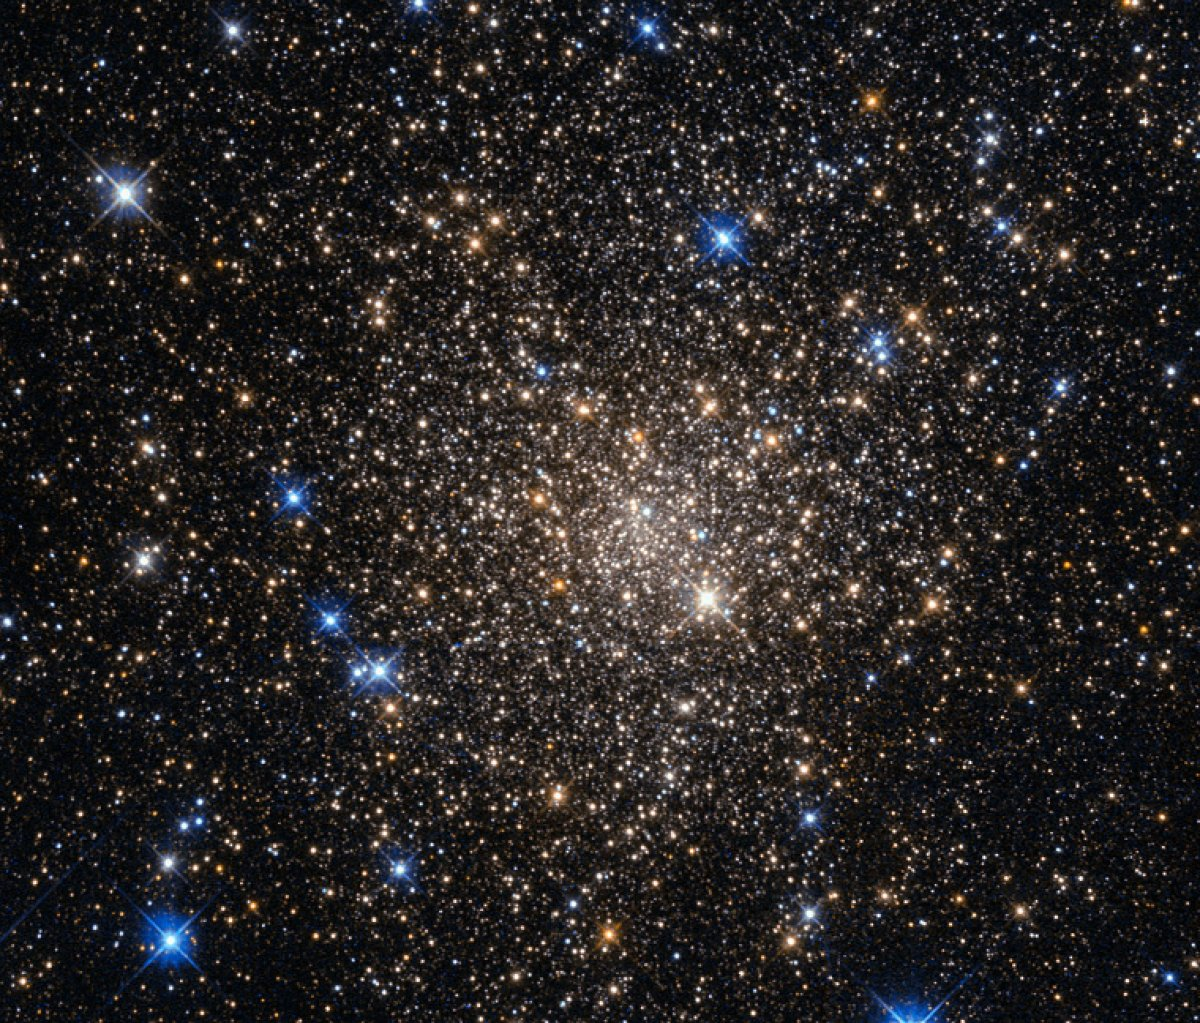 Bilim insanları, Dünya dışı yaşam bulmak için 10 milyon yıldızı taradı: İşte sonuçlar #1